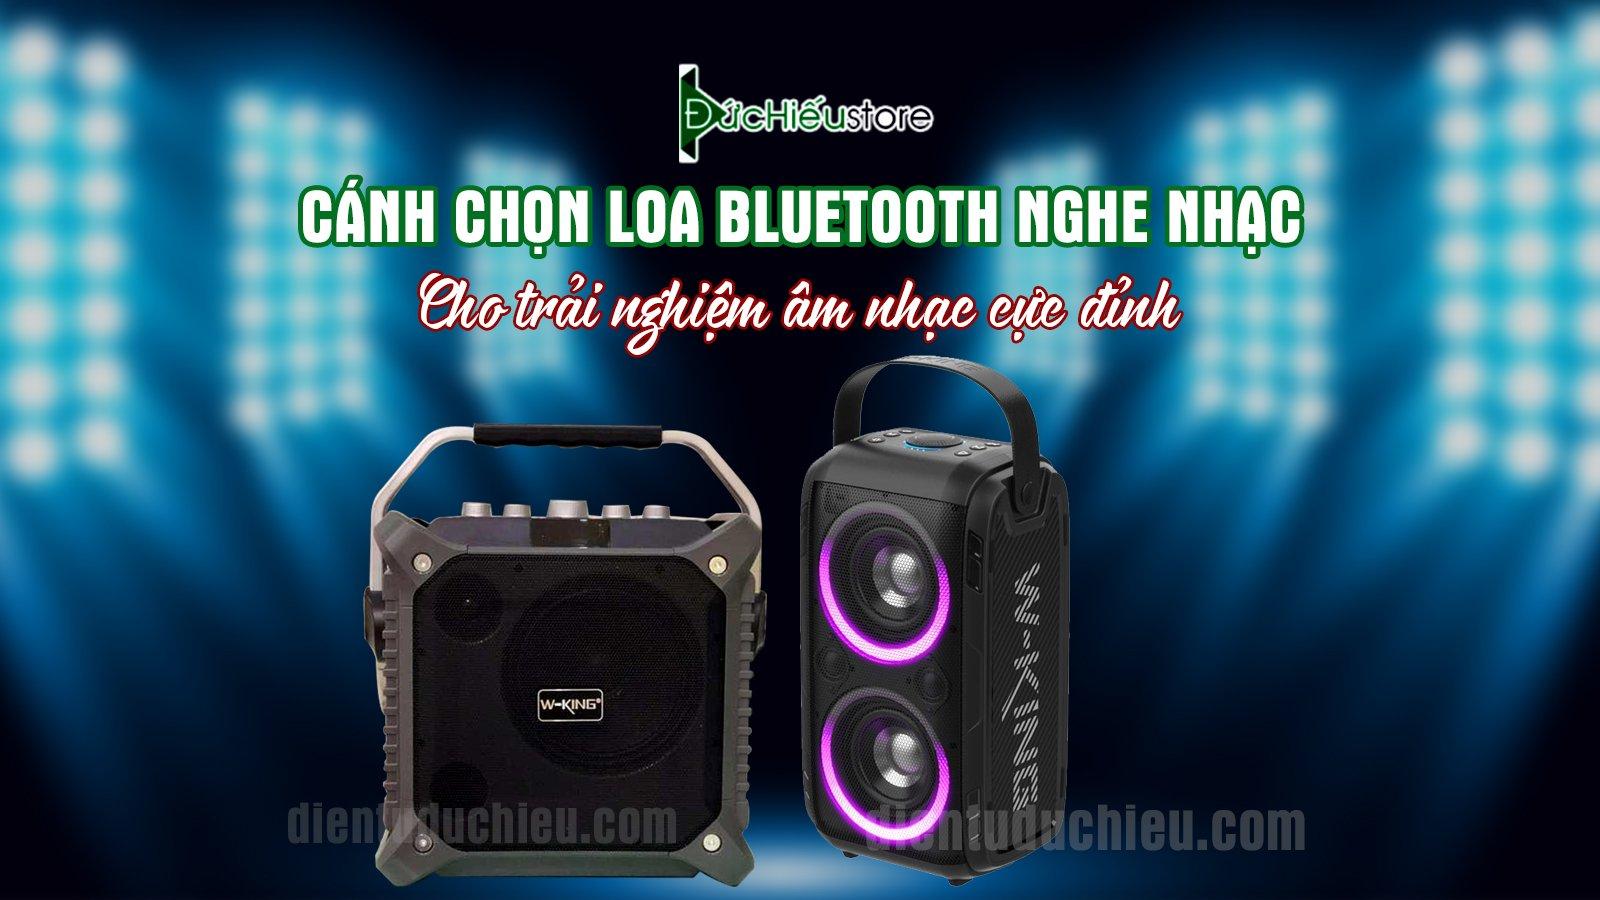 Cách chọn loa bluetooth nghe nhạc cho trải nghiệm âm thanh cực đỉnh